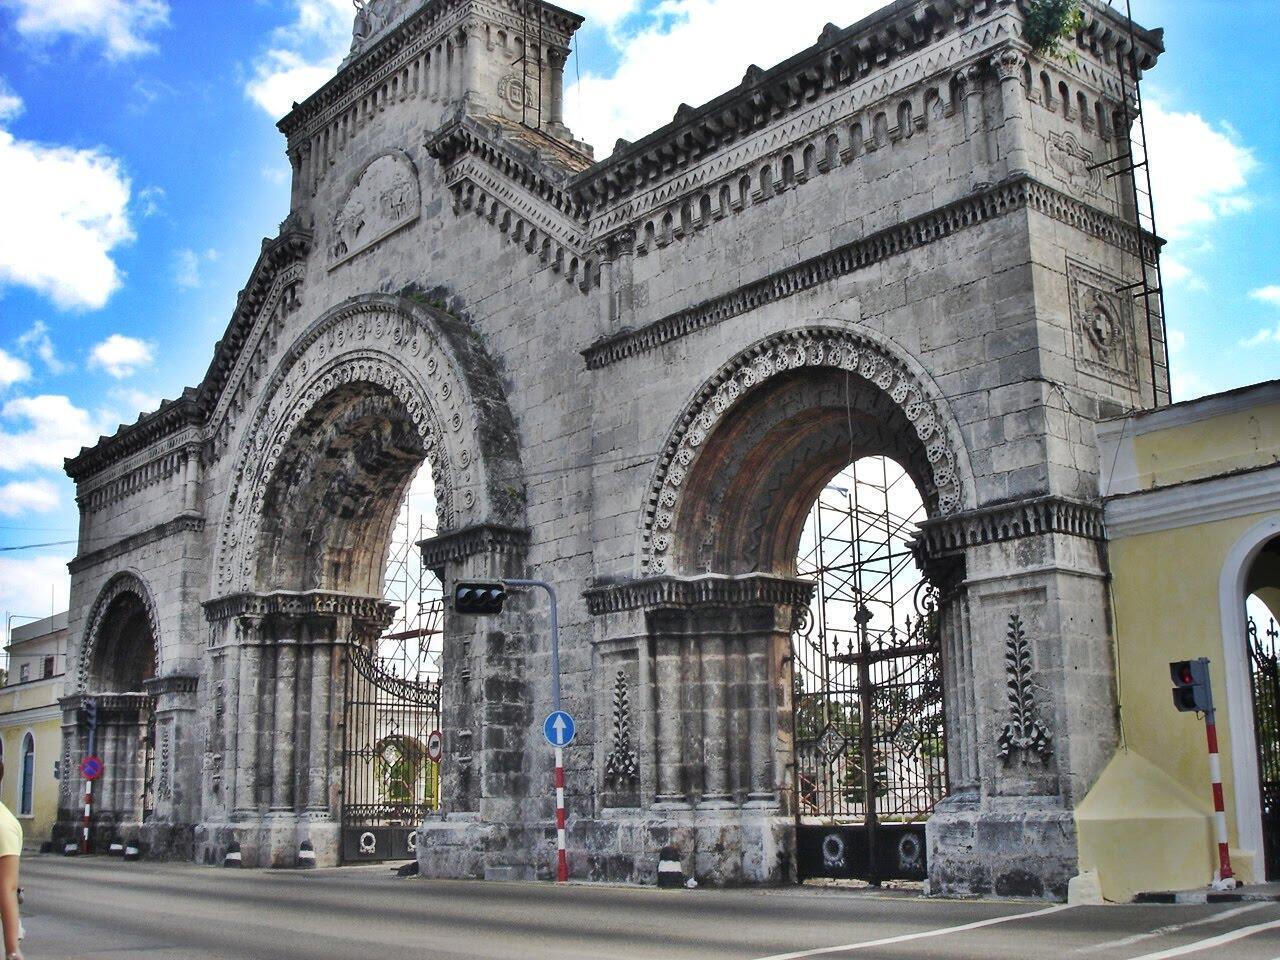 El cementerio de Colón se encuentra en el distrito de Vedado, en La Habana.